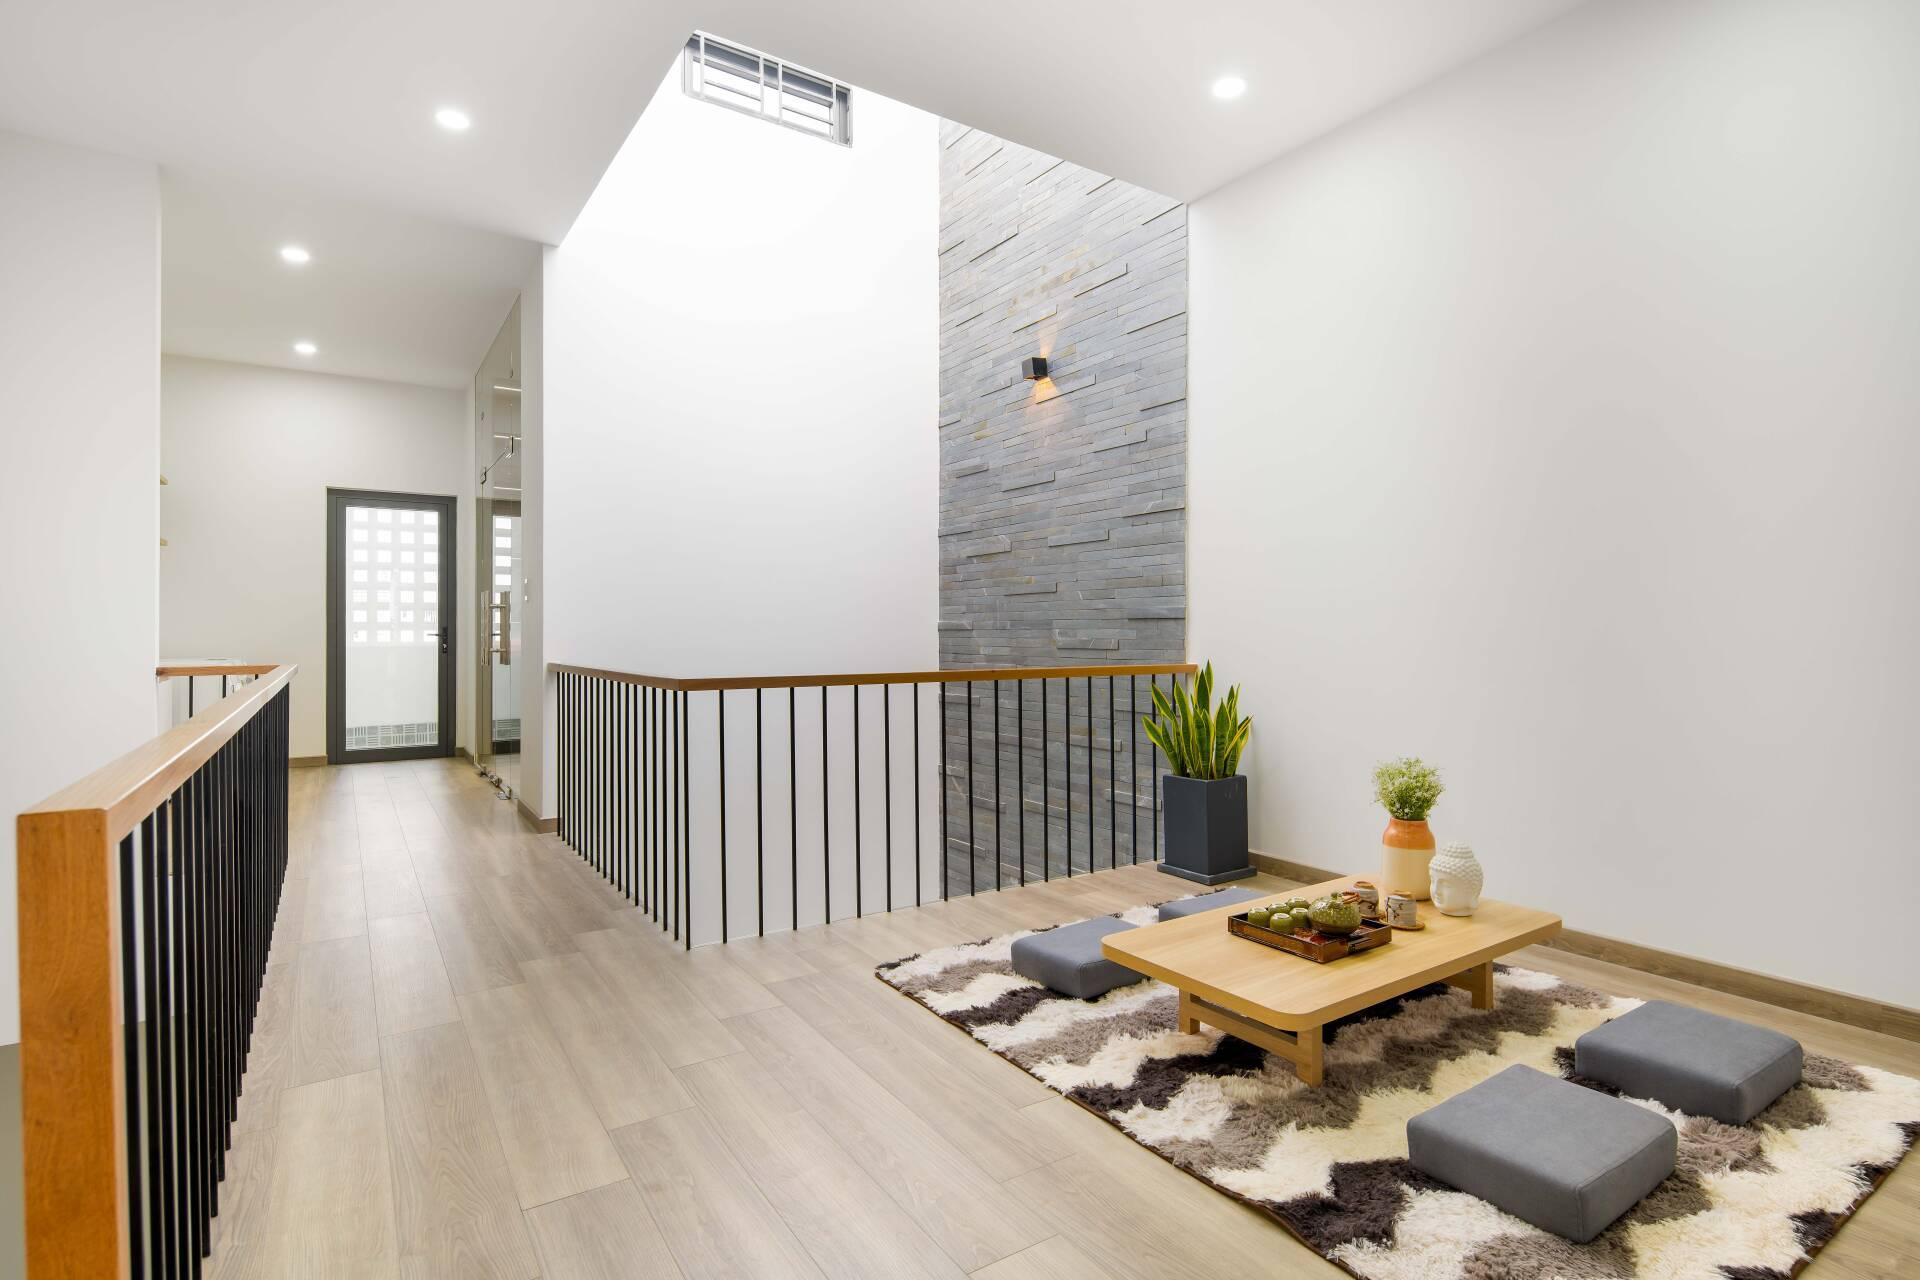 Tầng 3 là không gian sinh hoạt chung khác, riêng tư hơn của gia đình với bàn trà để đọc sách được bố trí ngay khoảng thông tầng